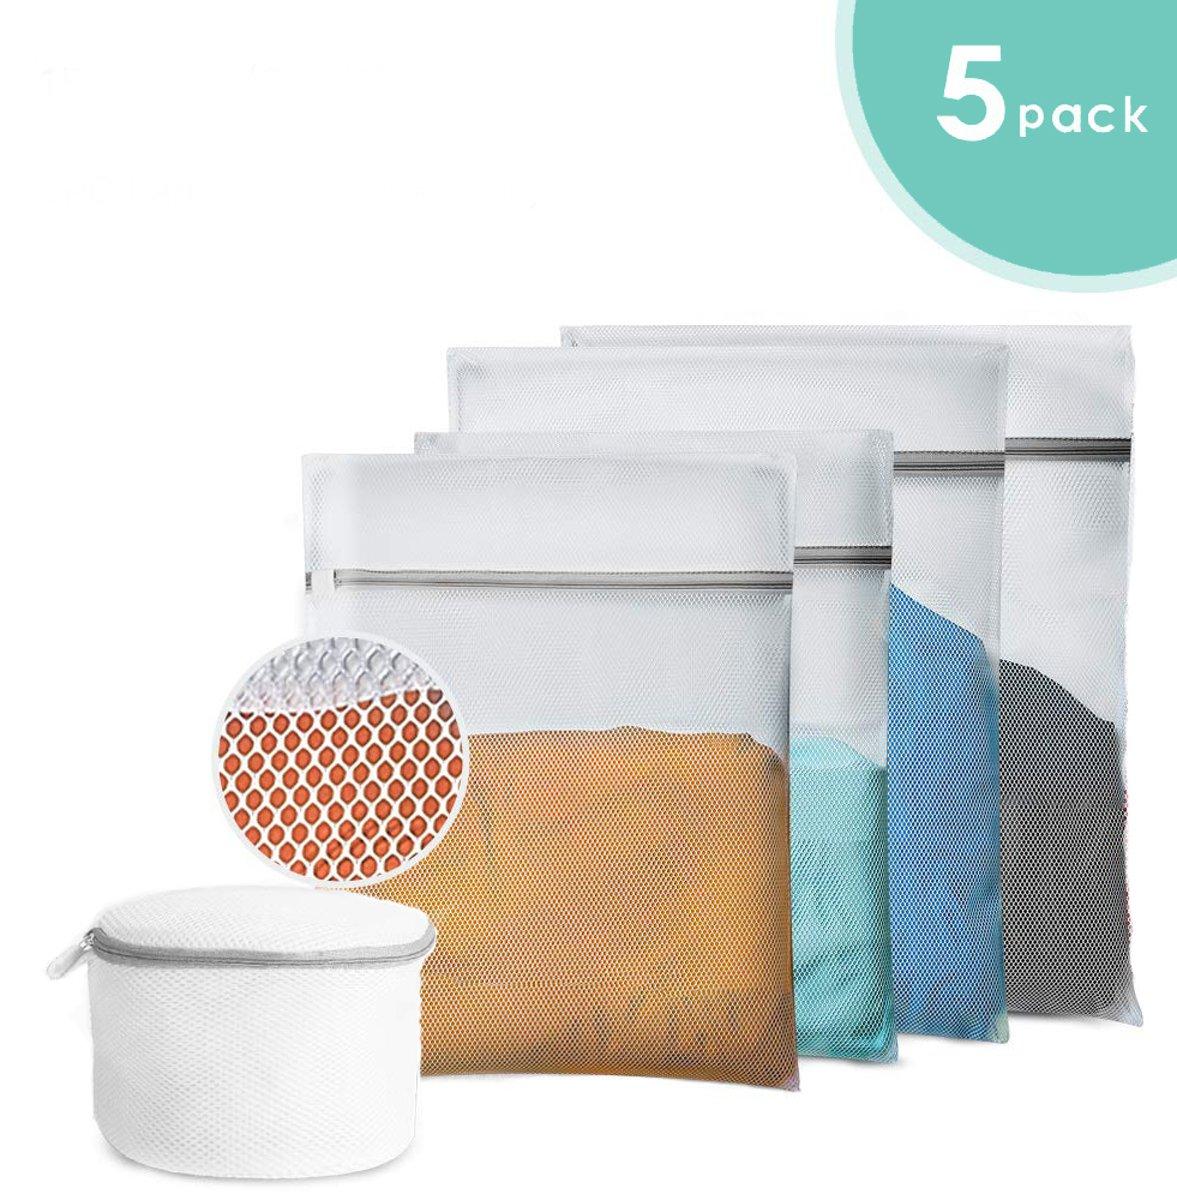 XXL Waszak Hoge Kwaliteit Met Rits Voor BH of Lingerie - Wasnet - Laundry Bag - Set van 4 in verschillende afmetingen kopen